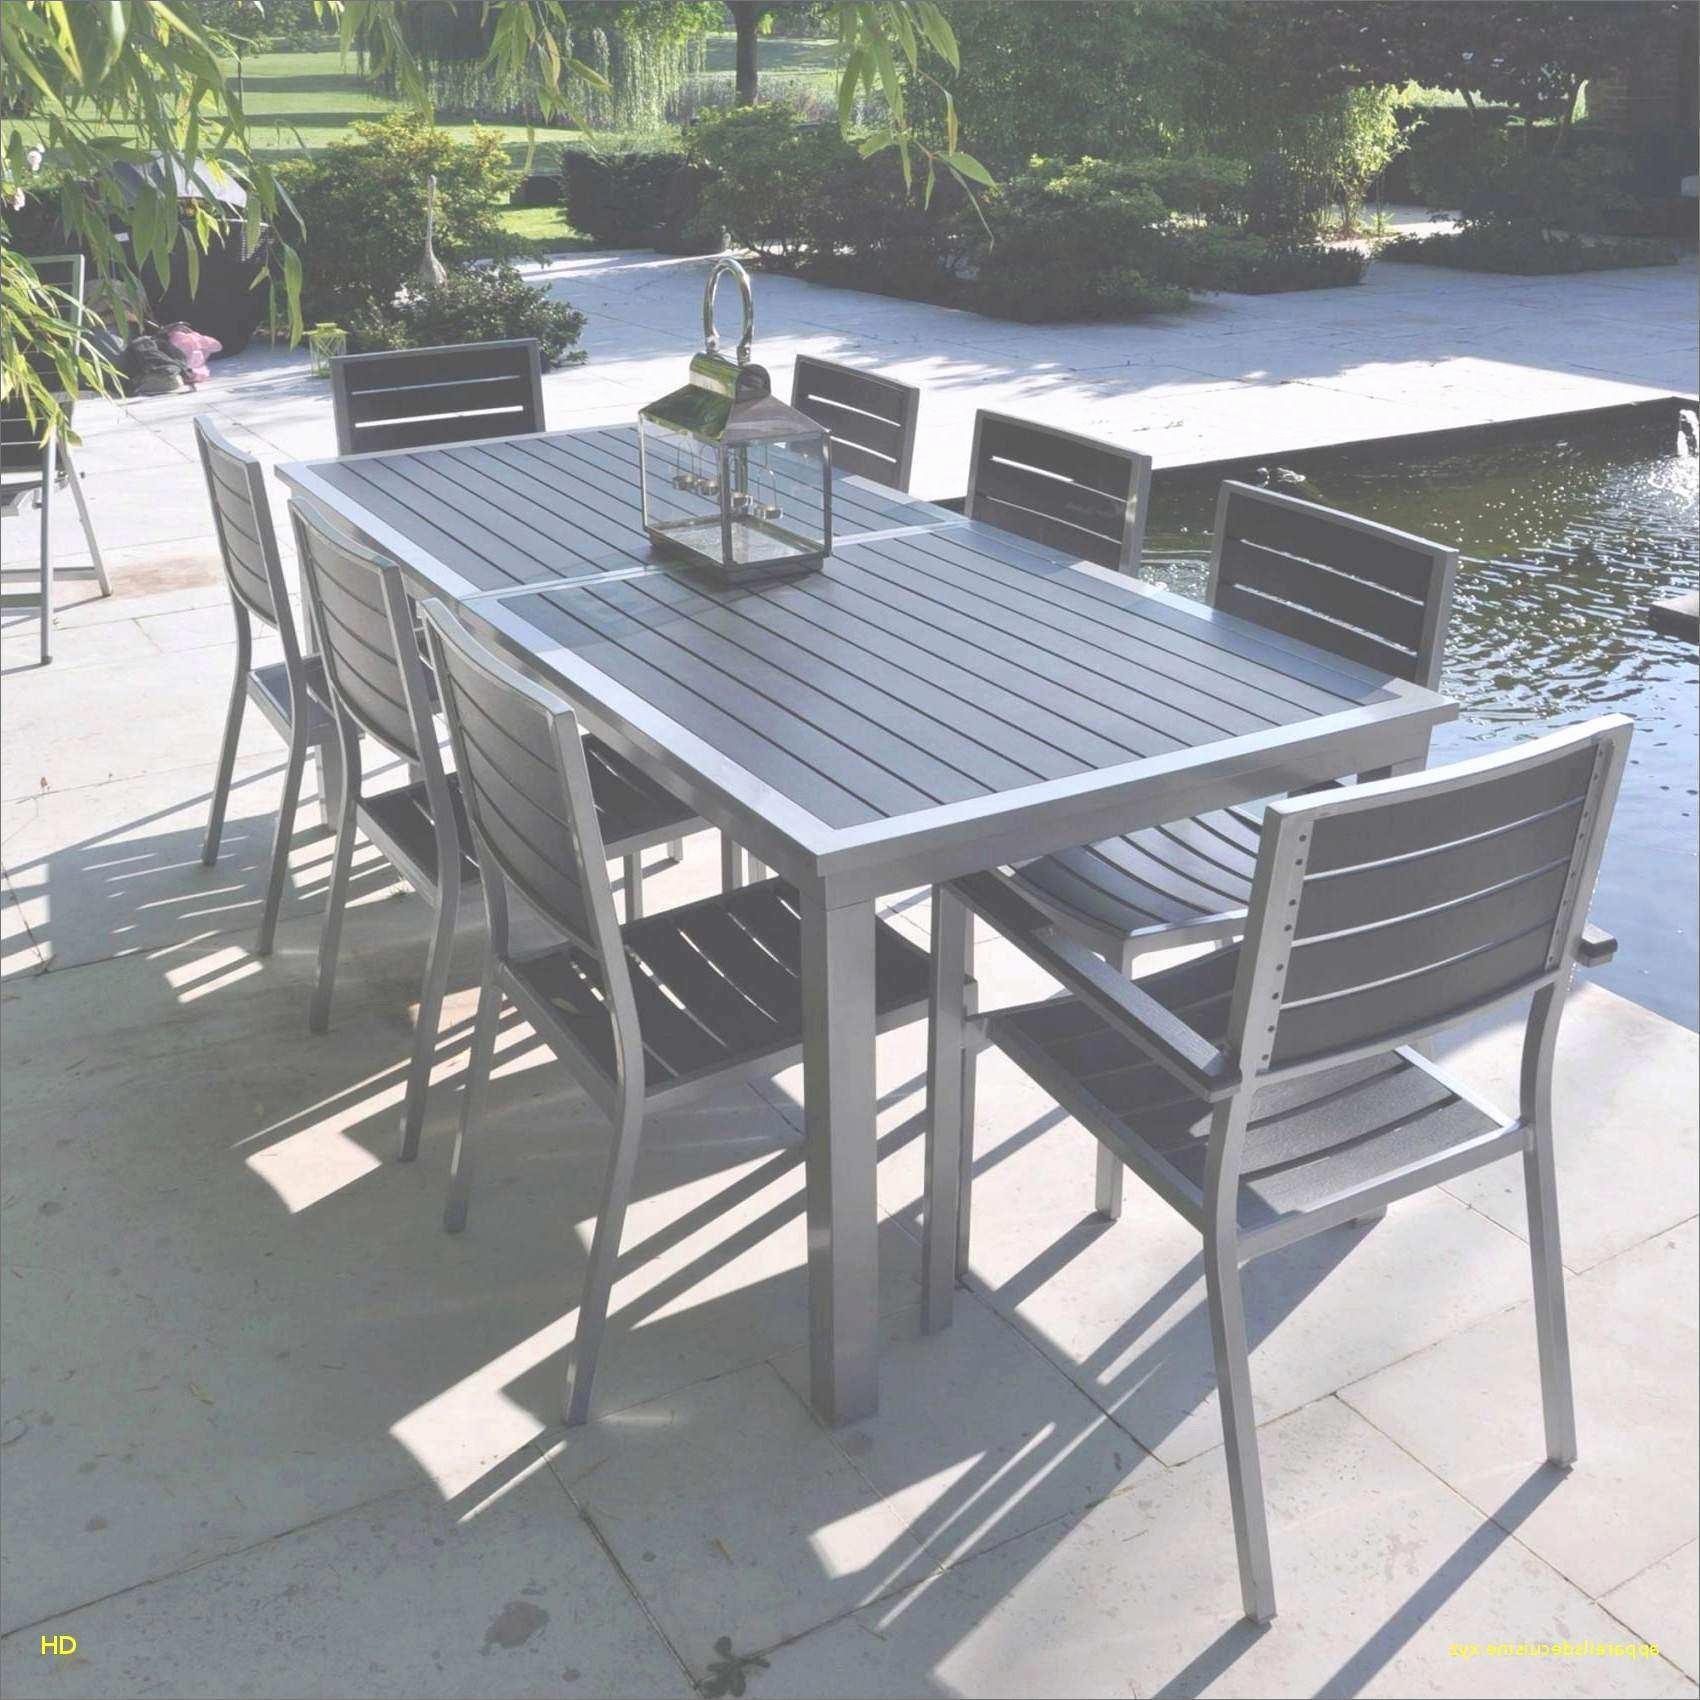 terrasse posite pas cher inspirant table jardin posite magnifique table jardin 12 personnes of terrasse posite pas cher